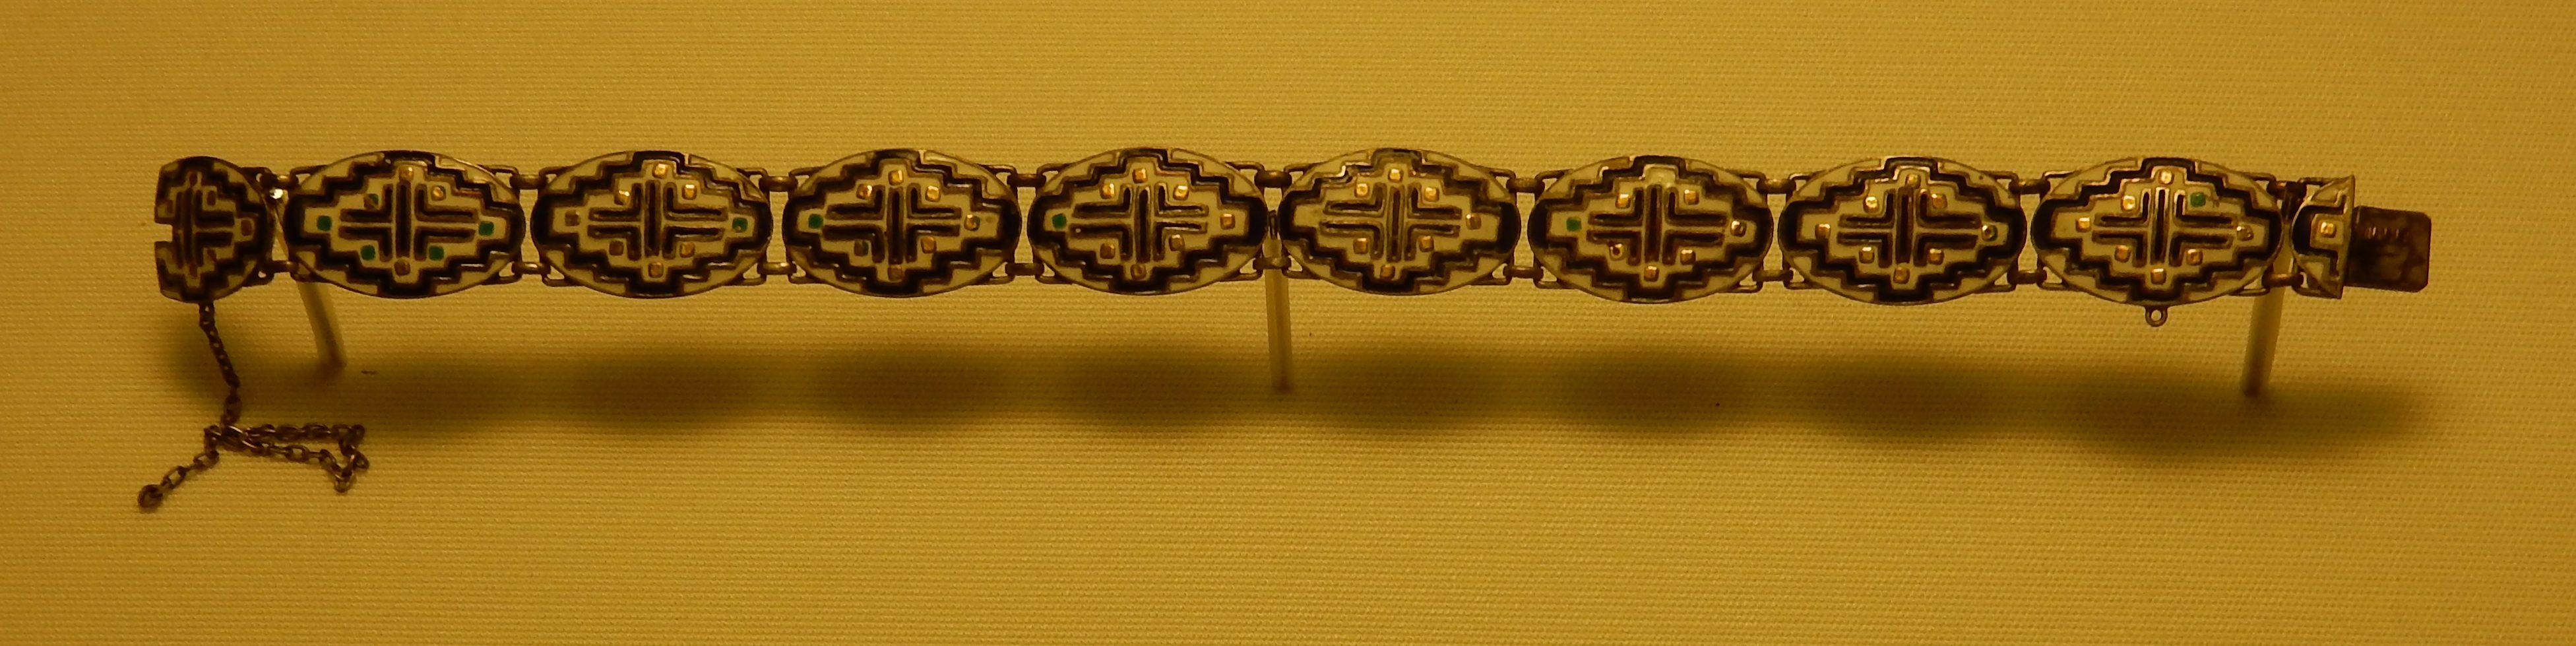 Theodor Fahrner, armband, 1910-1913. Schmuckmuseum Pforzheim. Foto met dank aan Coert Peter Krabbe, september 2018, CC BY 4.0